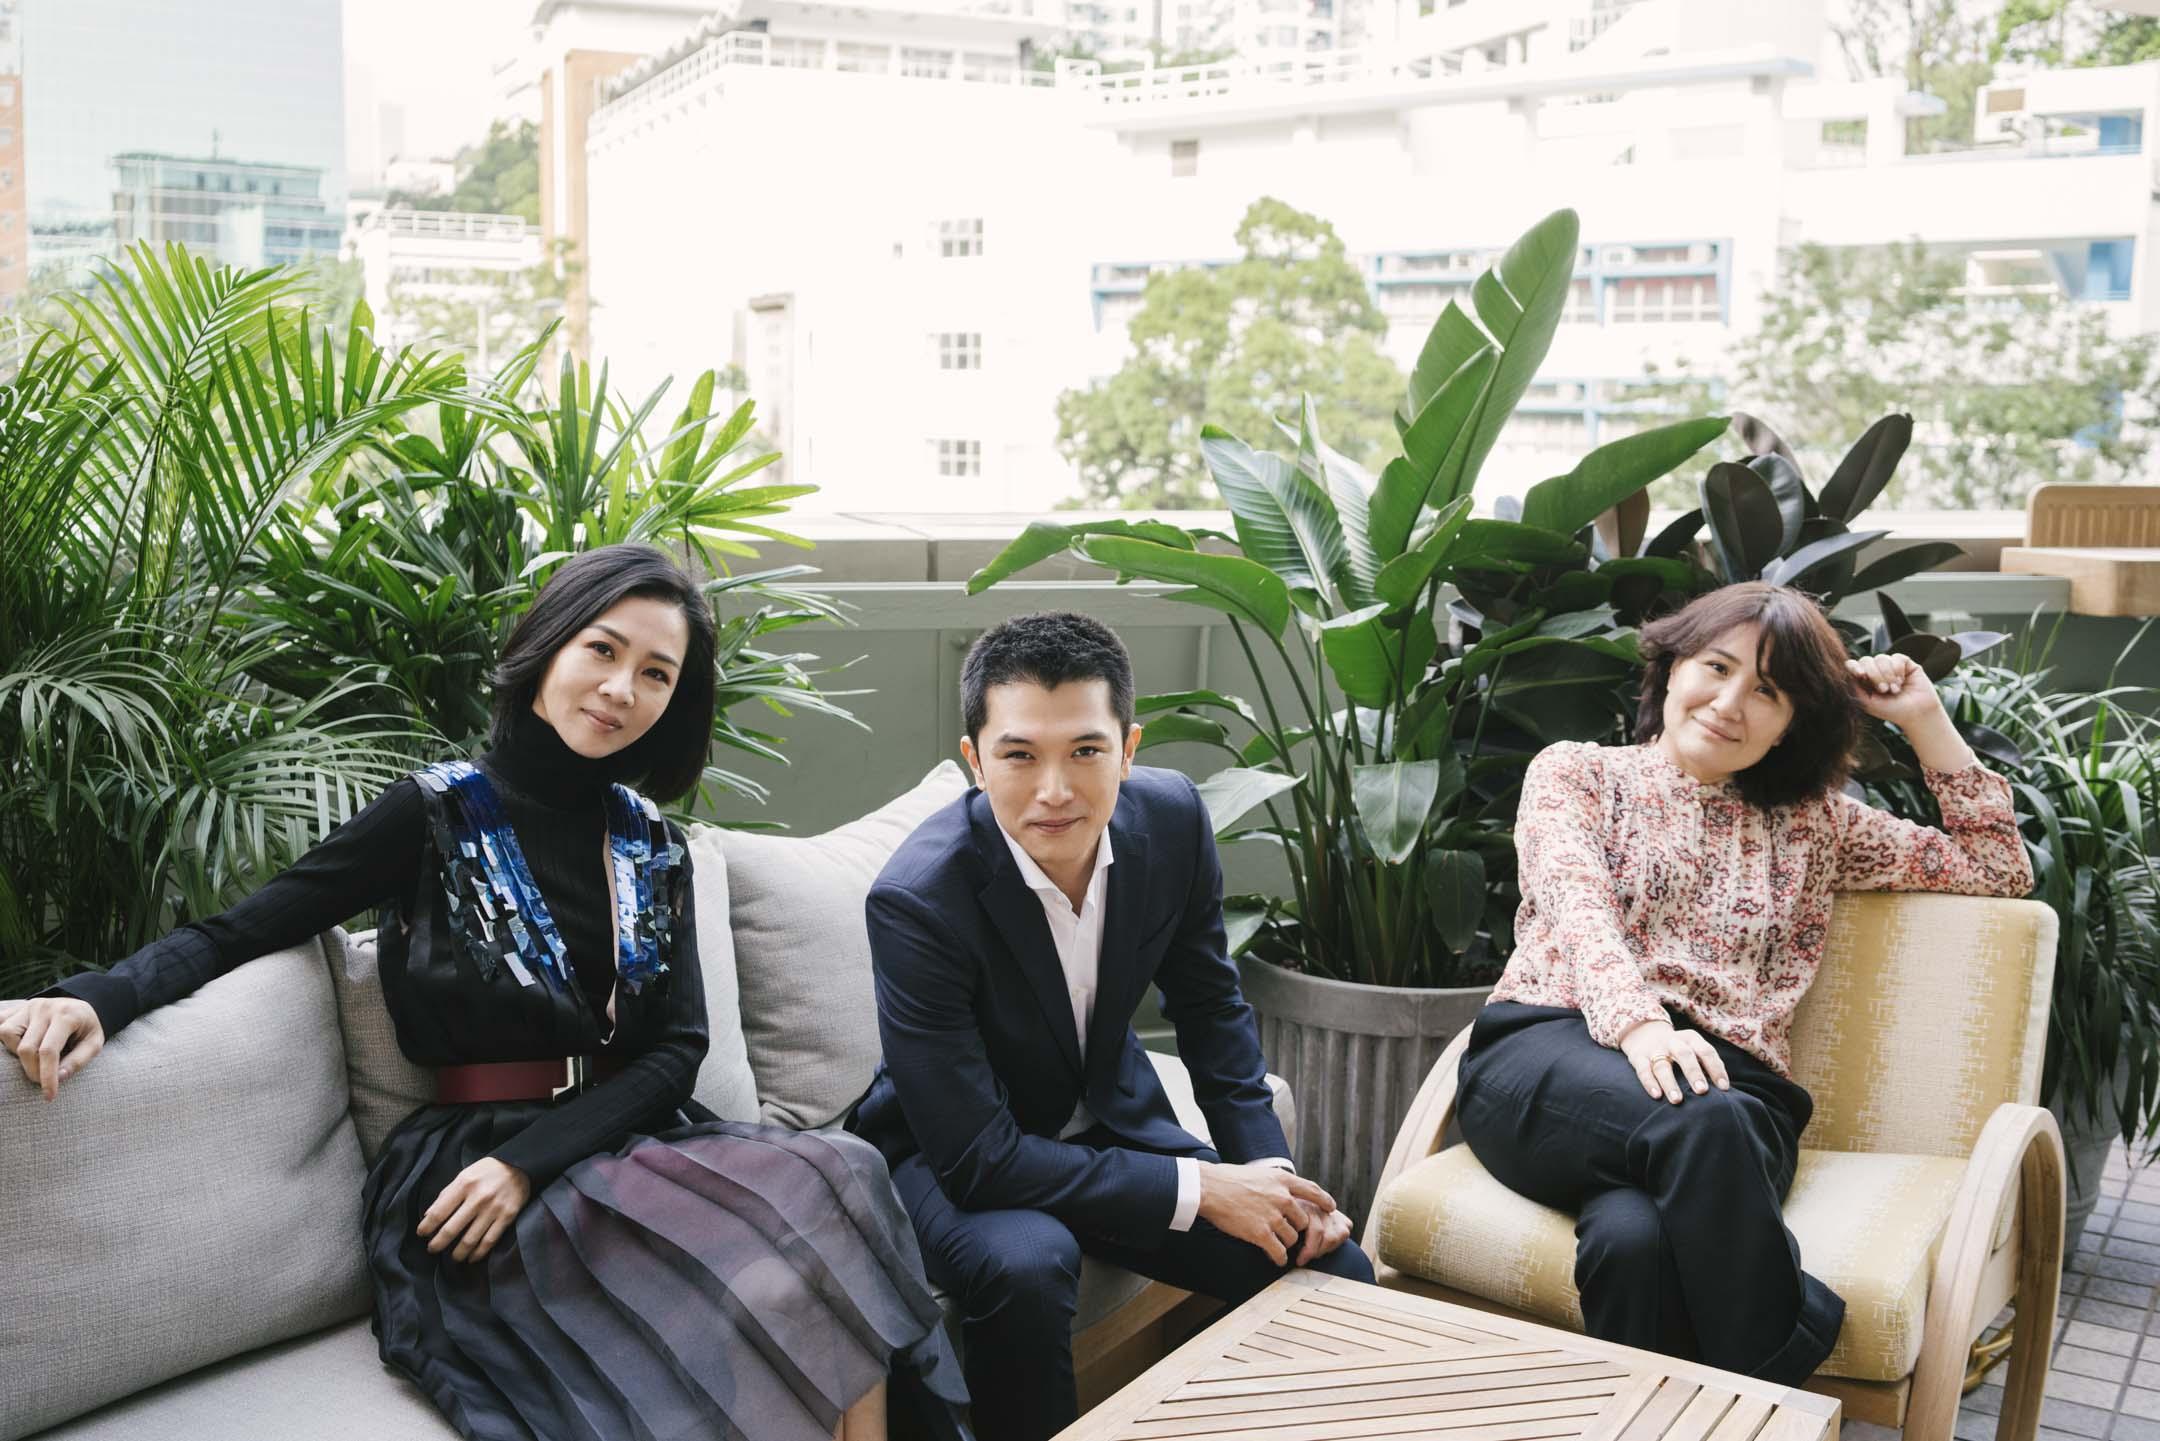 《誰先愛上他的》女主角謝盈萱、男主角邱澤及編劇徐譽庭。 攝:陳朗熹/端傳媒